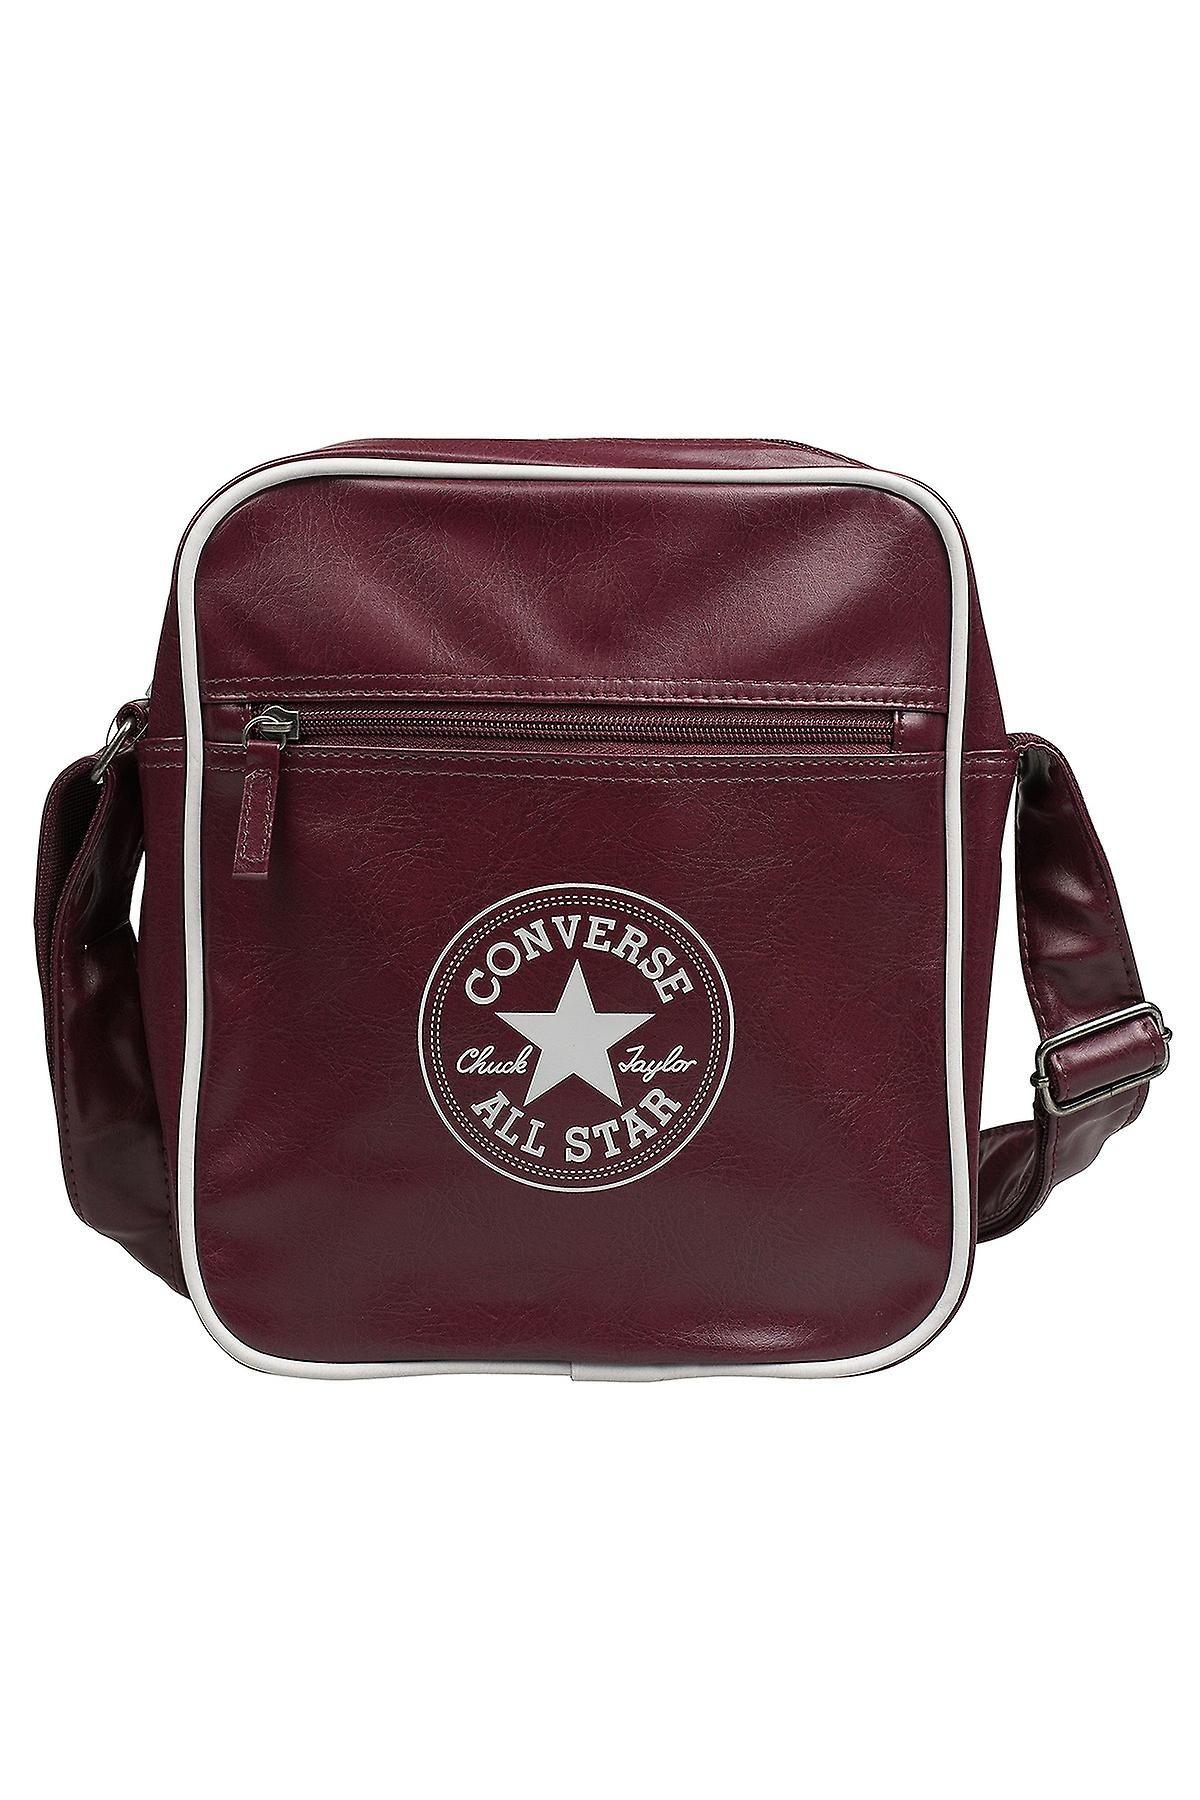 Converse zip shoulder bag bag shoulder bag red 410962 675 Converse Zip b2e60121aa92c